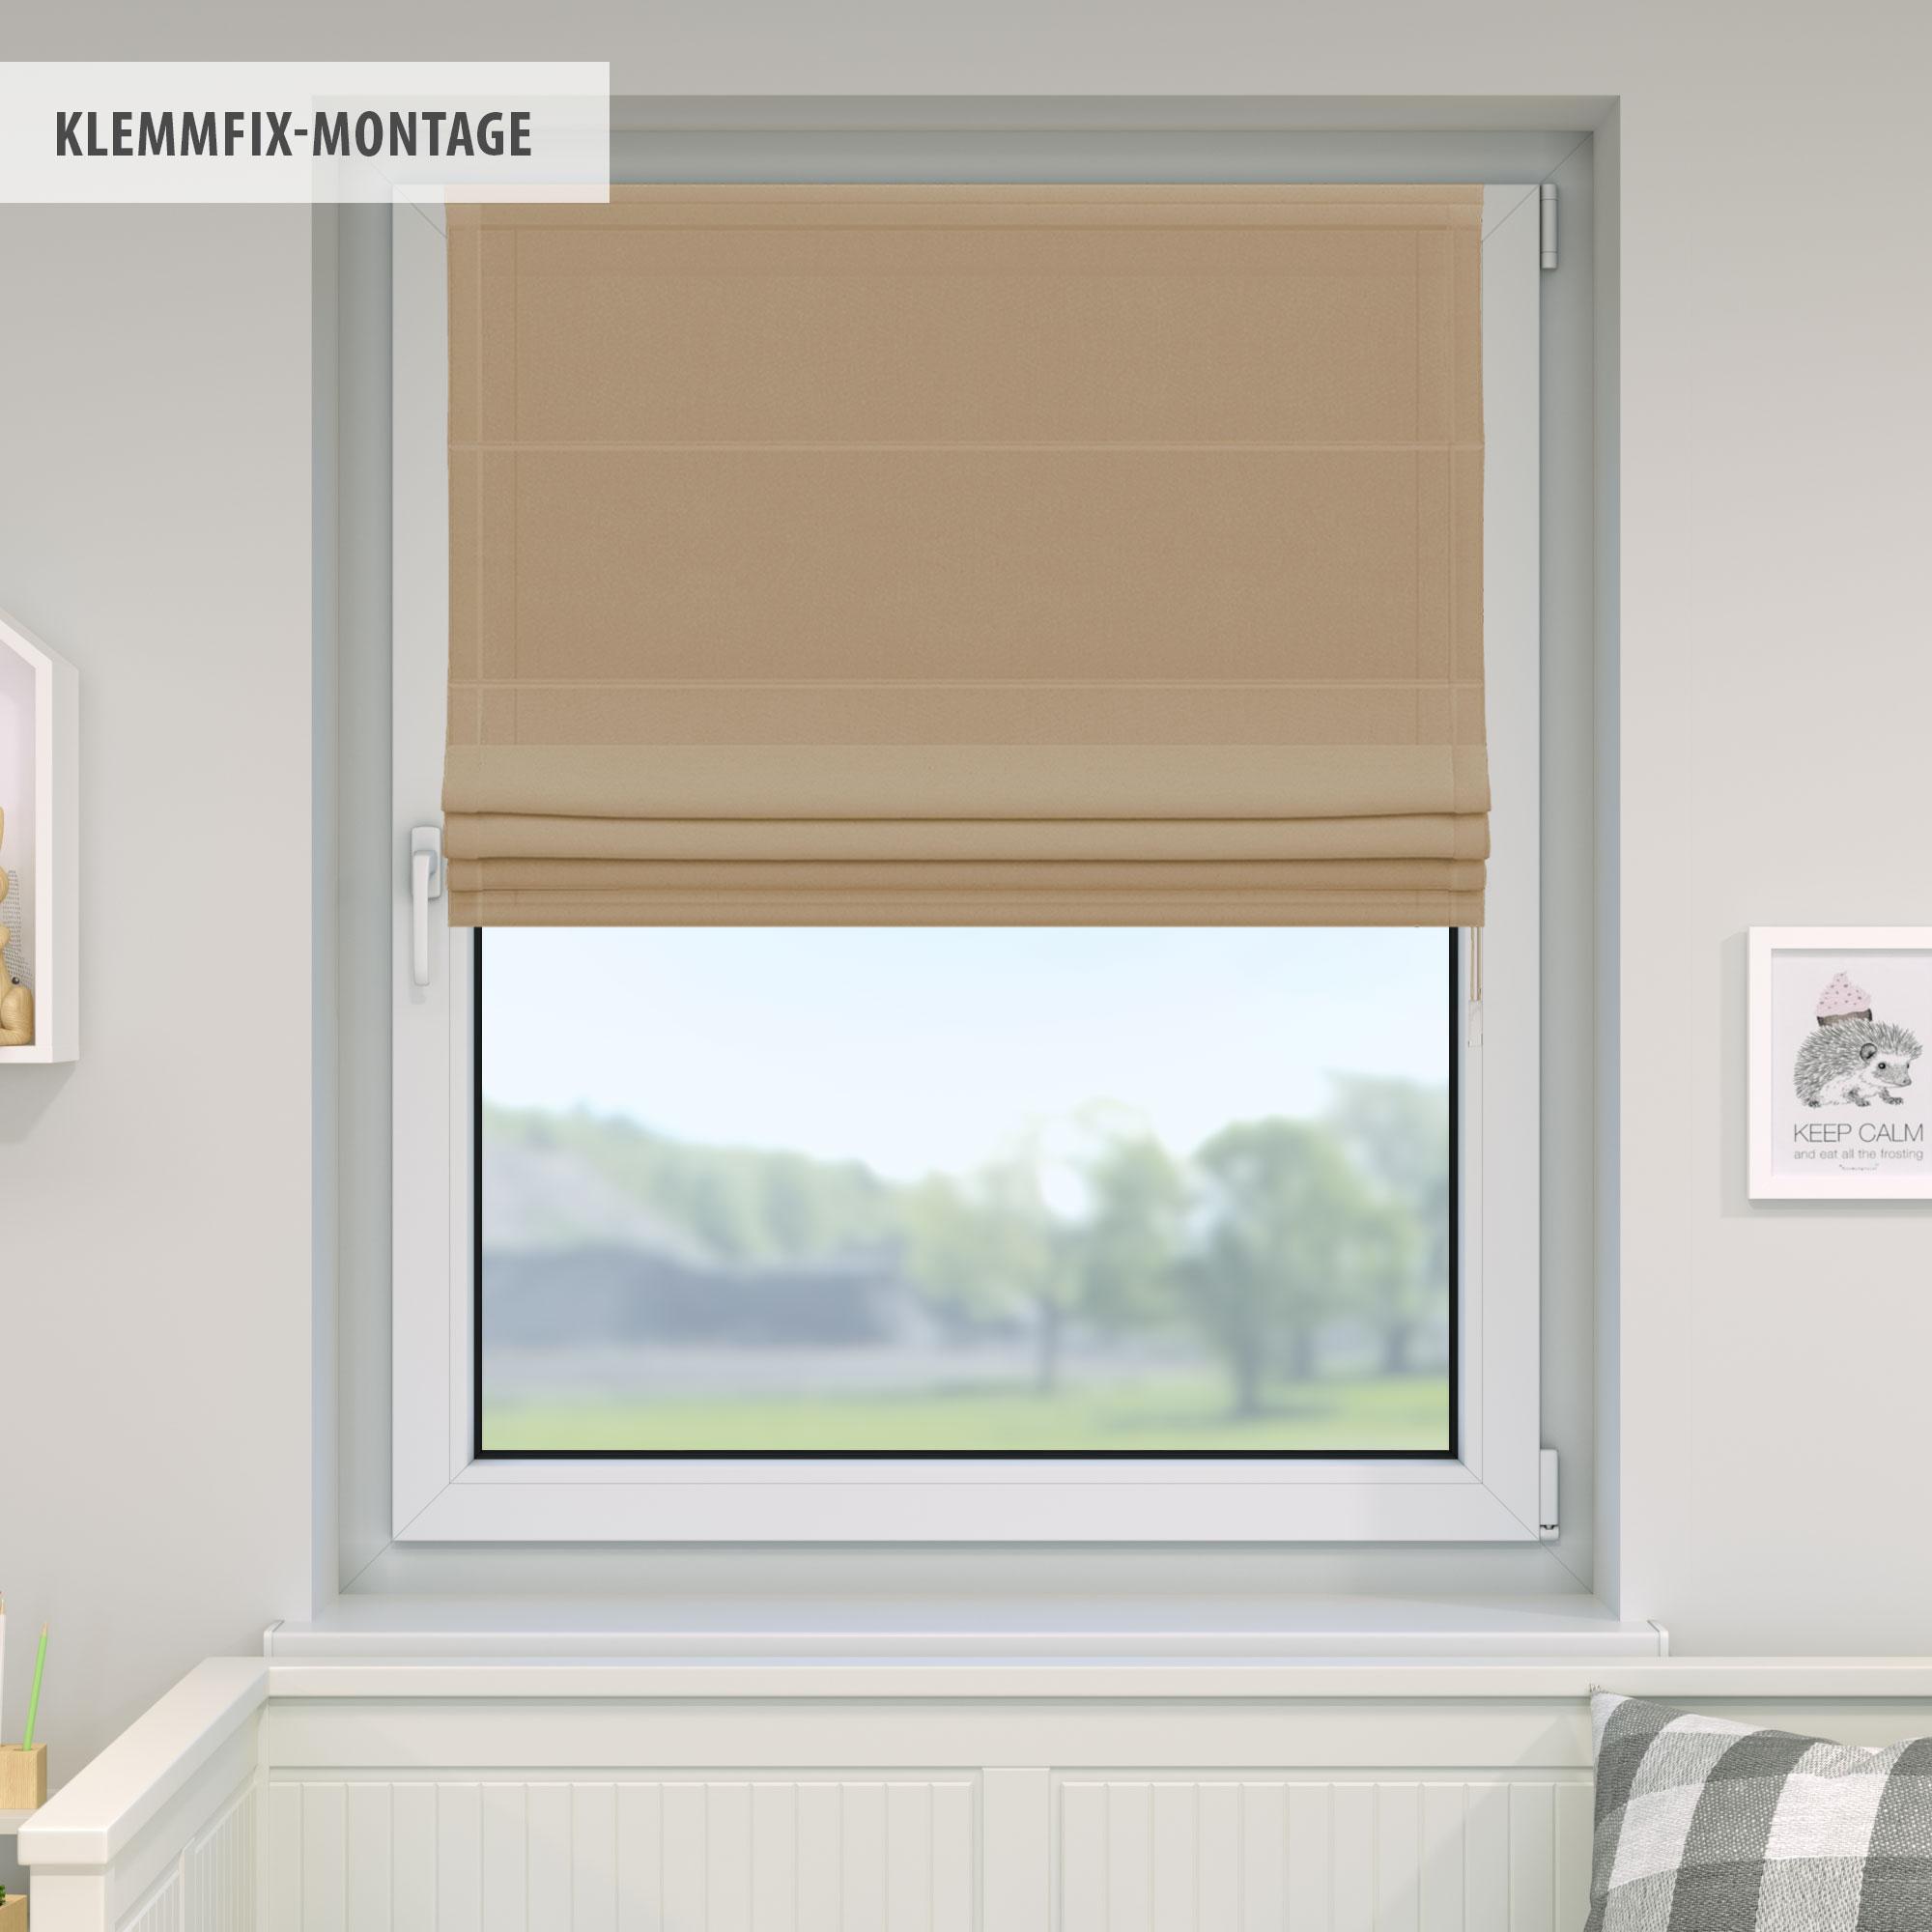 Raffrollo-Faltrollo-Klemmfix-ohne-Bohren-Fenster-Raffgardine-Gardine-VICTORIA-M Indexbild 9